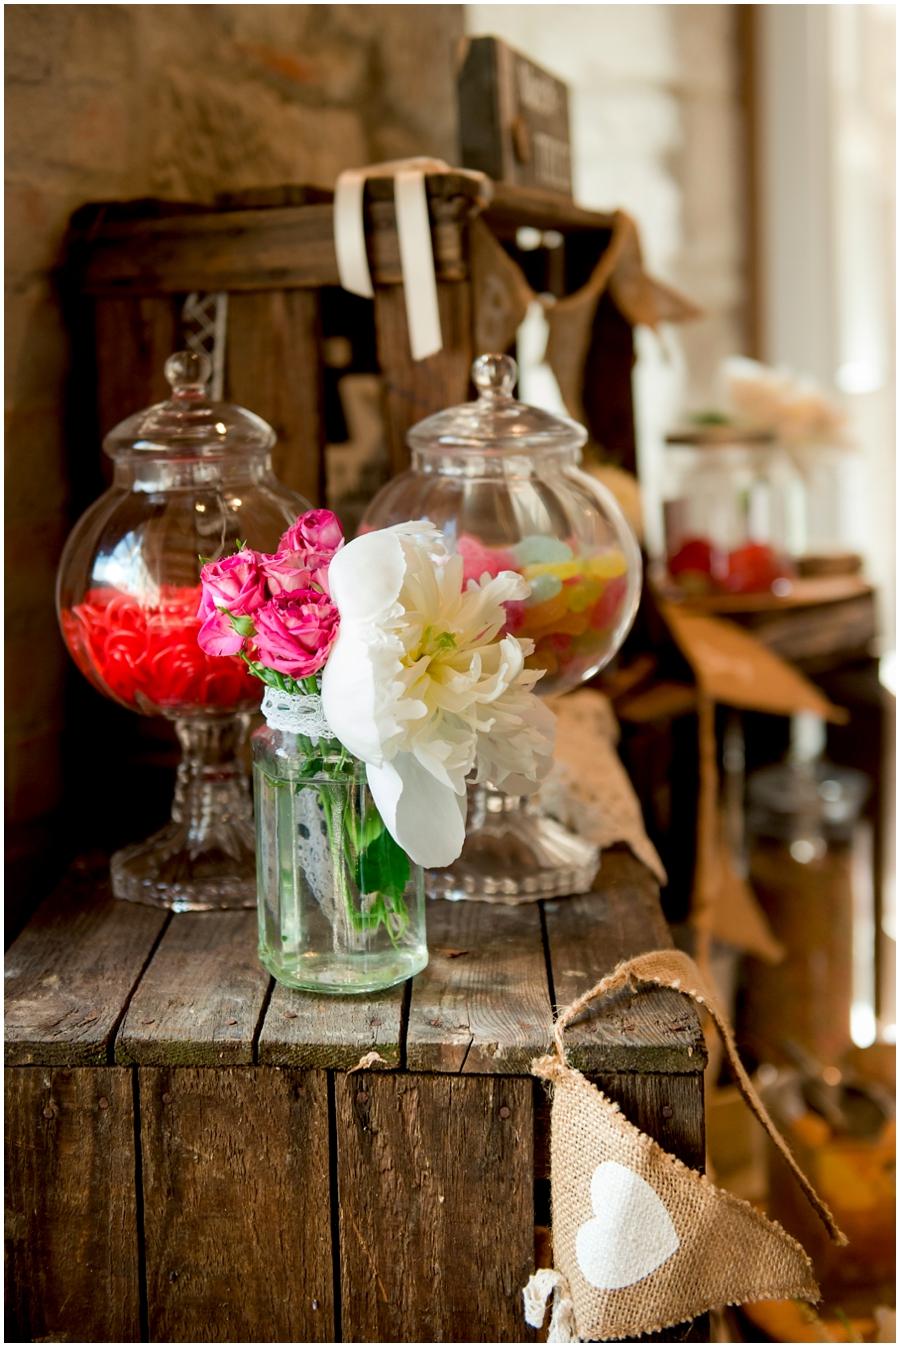 Hochzeitsinspirationen f r floristik dekoration und location for Floristik dekoration